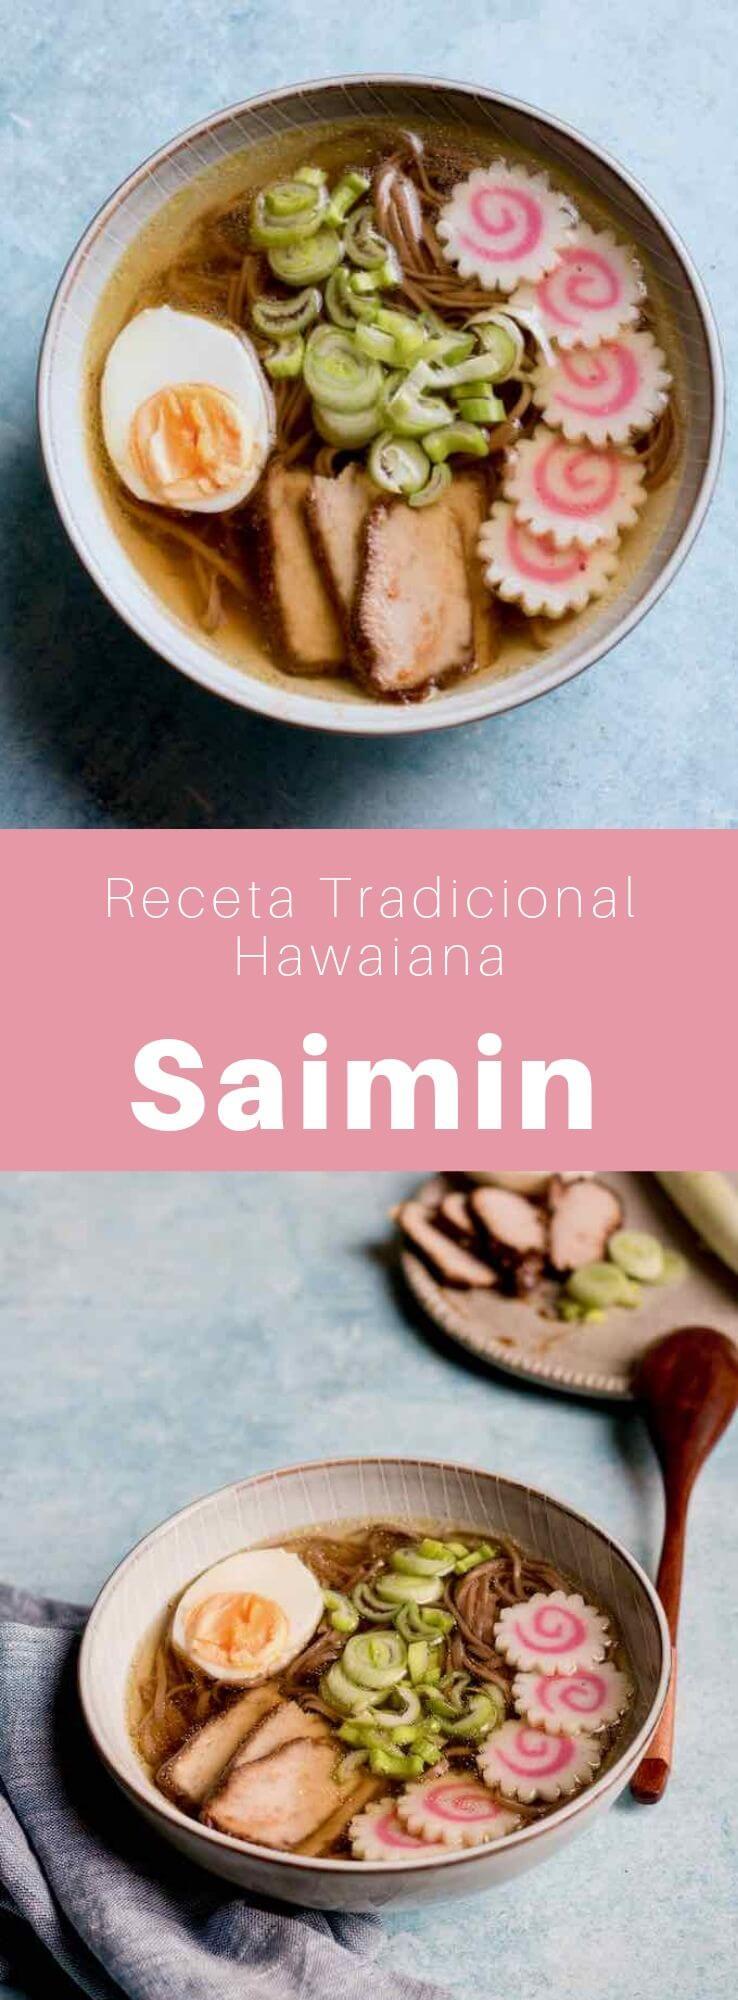 El saimin es una sopa popular de Hawái, que consiste en fideos soba cocinados en una base de caldo dashi condimentada con kamaboko, cebollas, carne de cerdo o rodajas de spam.